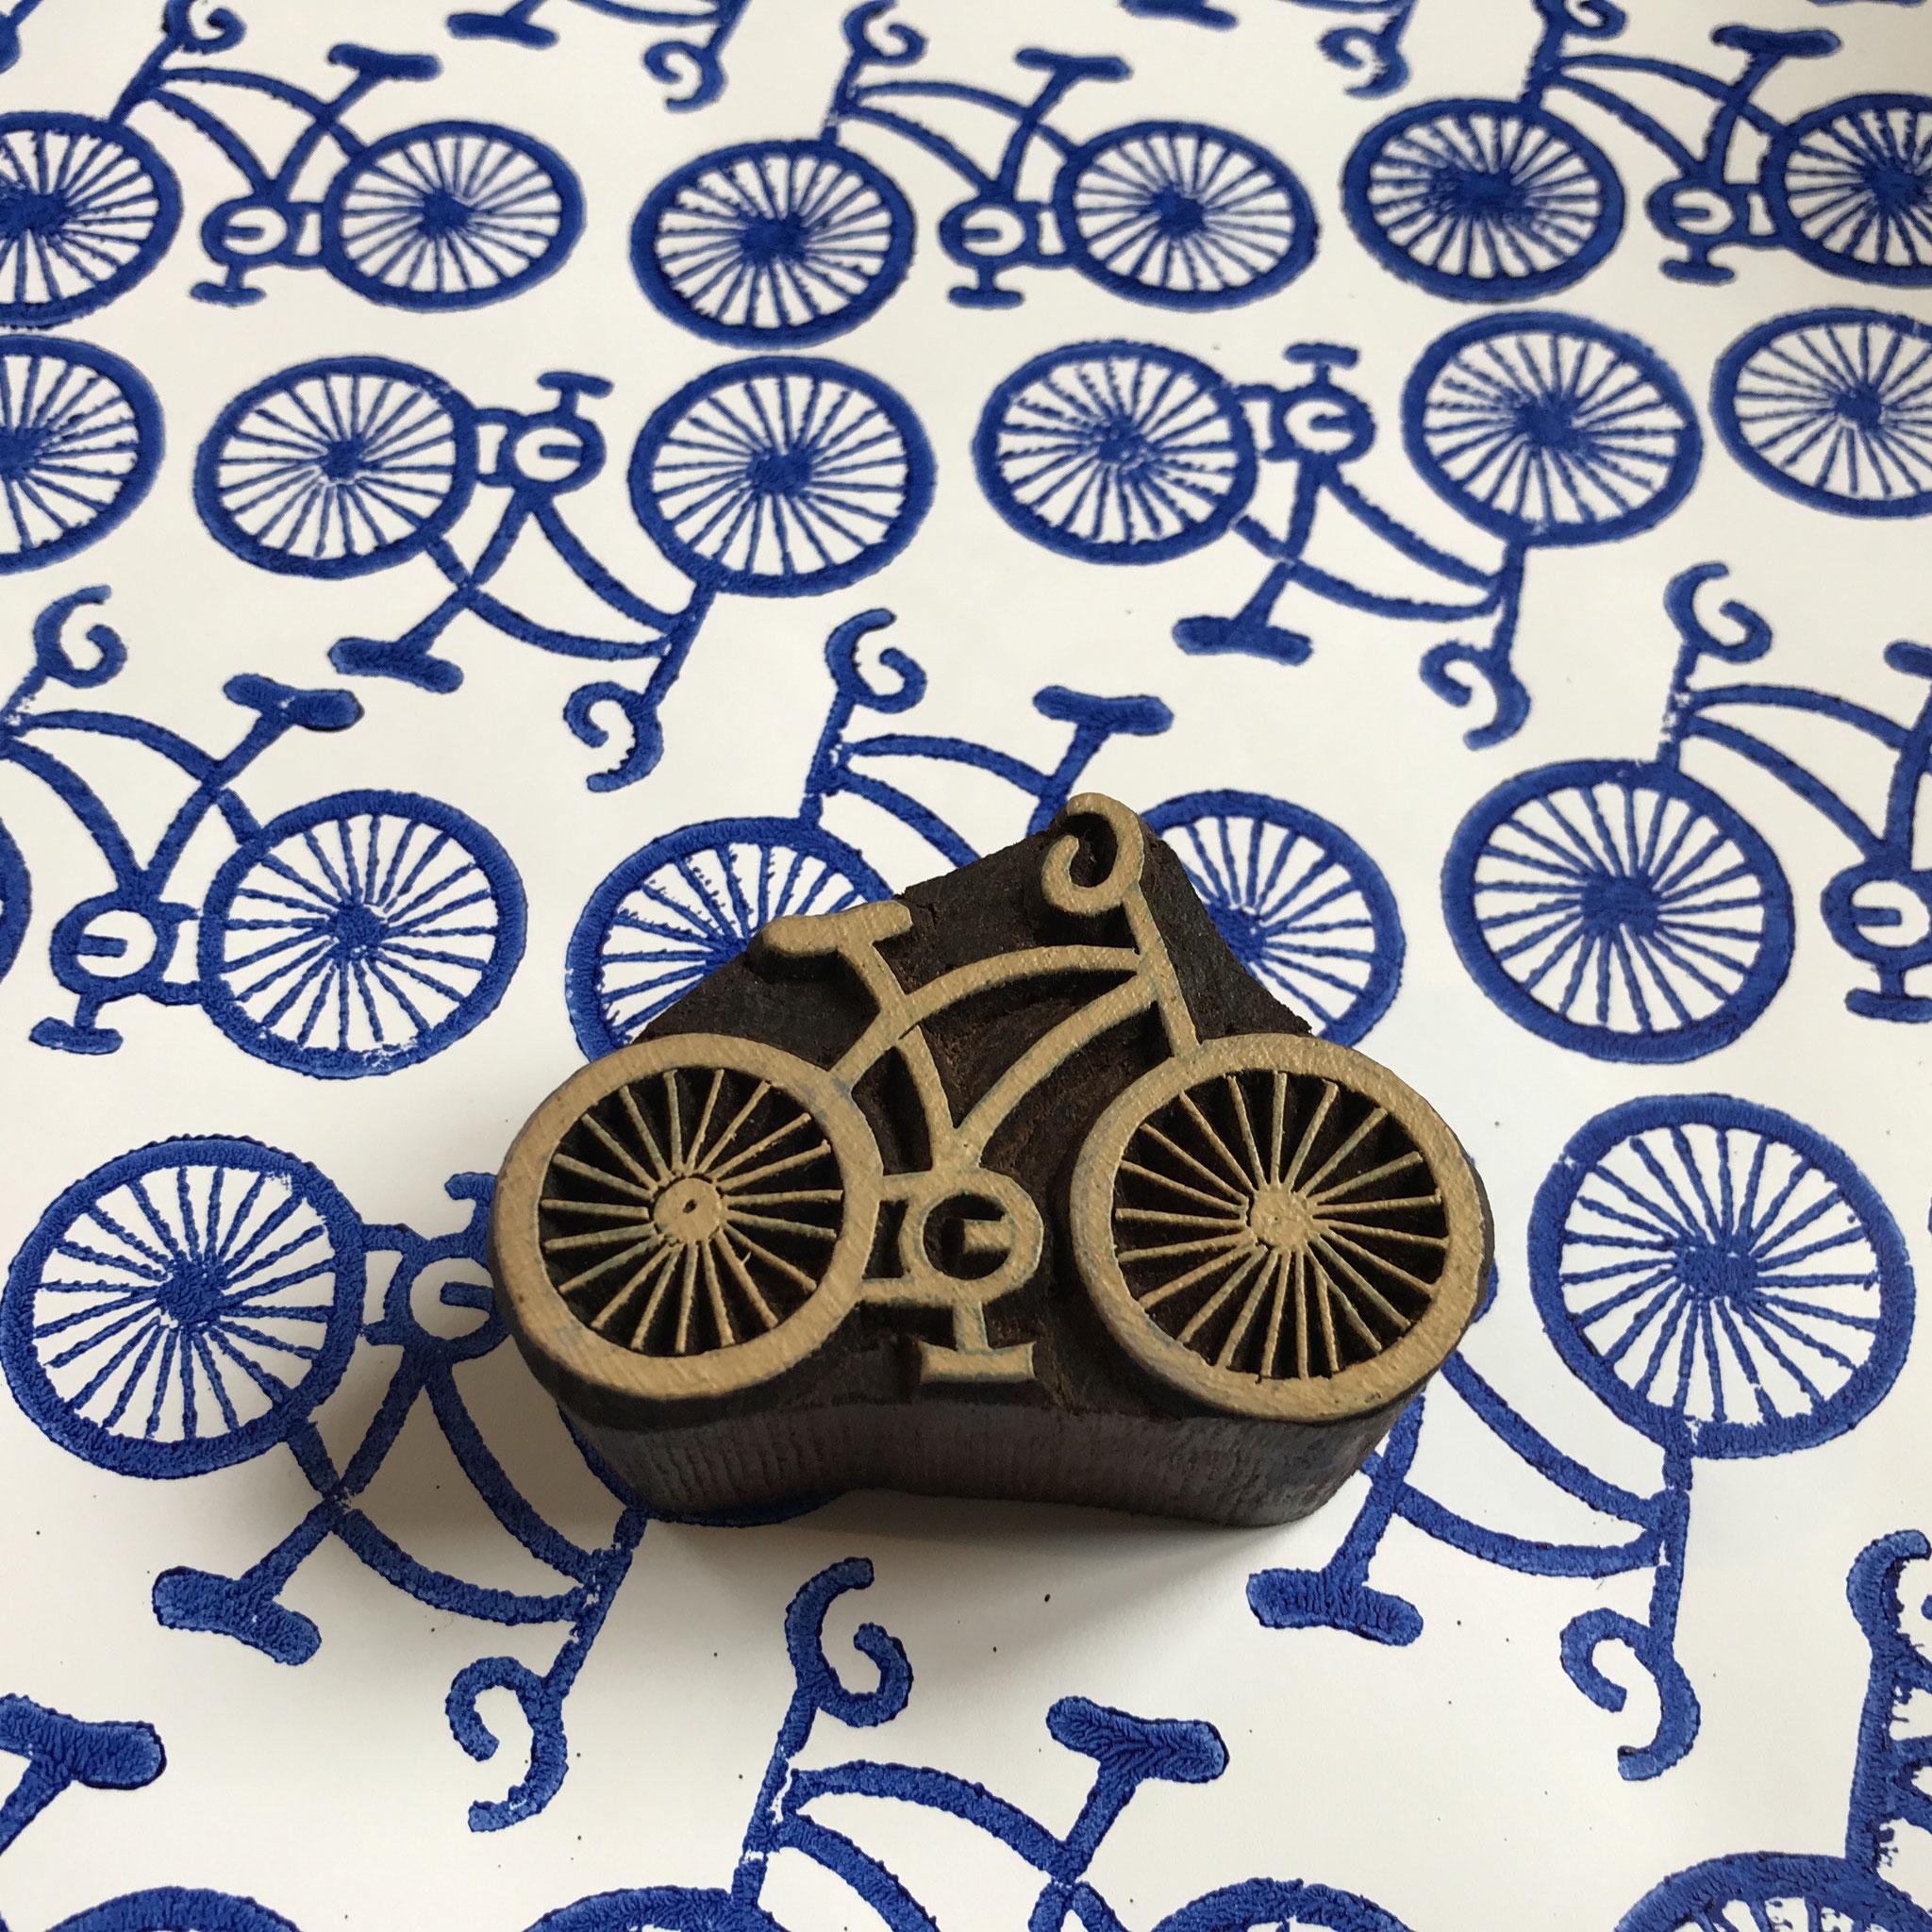 Fahrrad Stempel für Textildruck